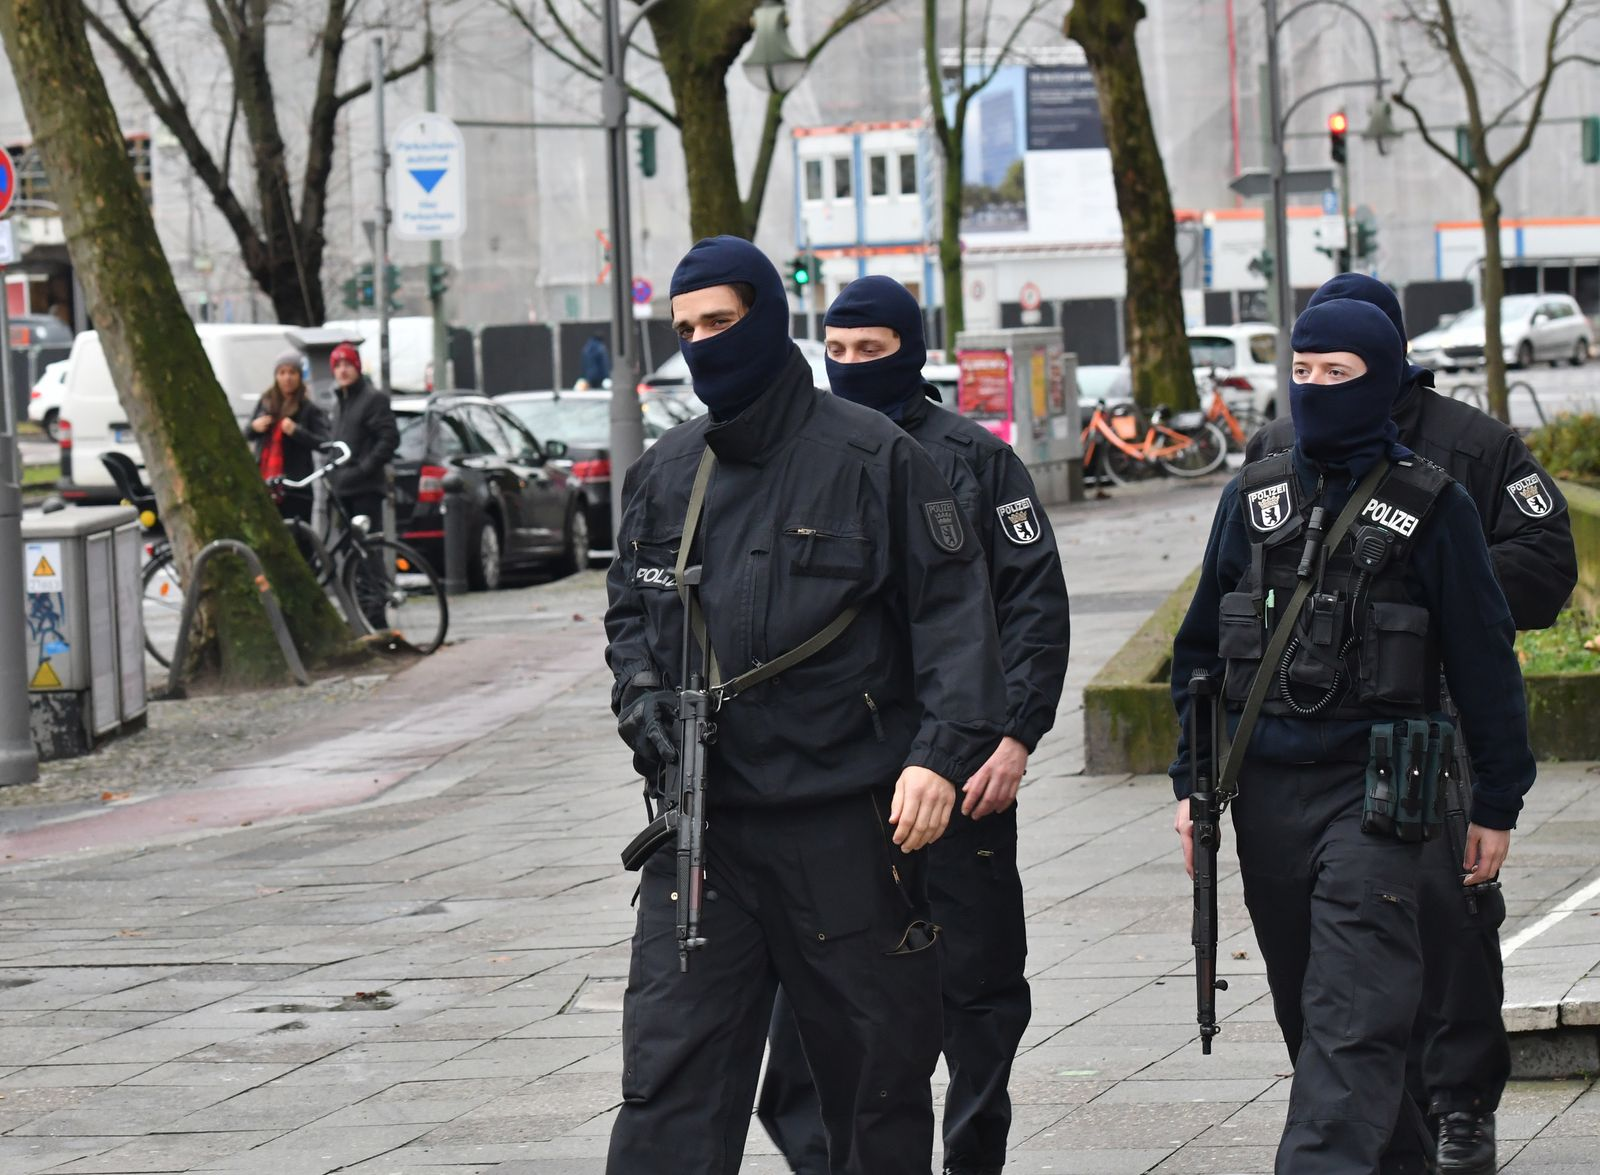 Razzia/ Islamisten/ Berlin